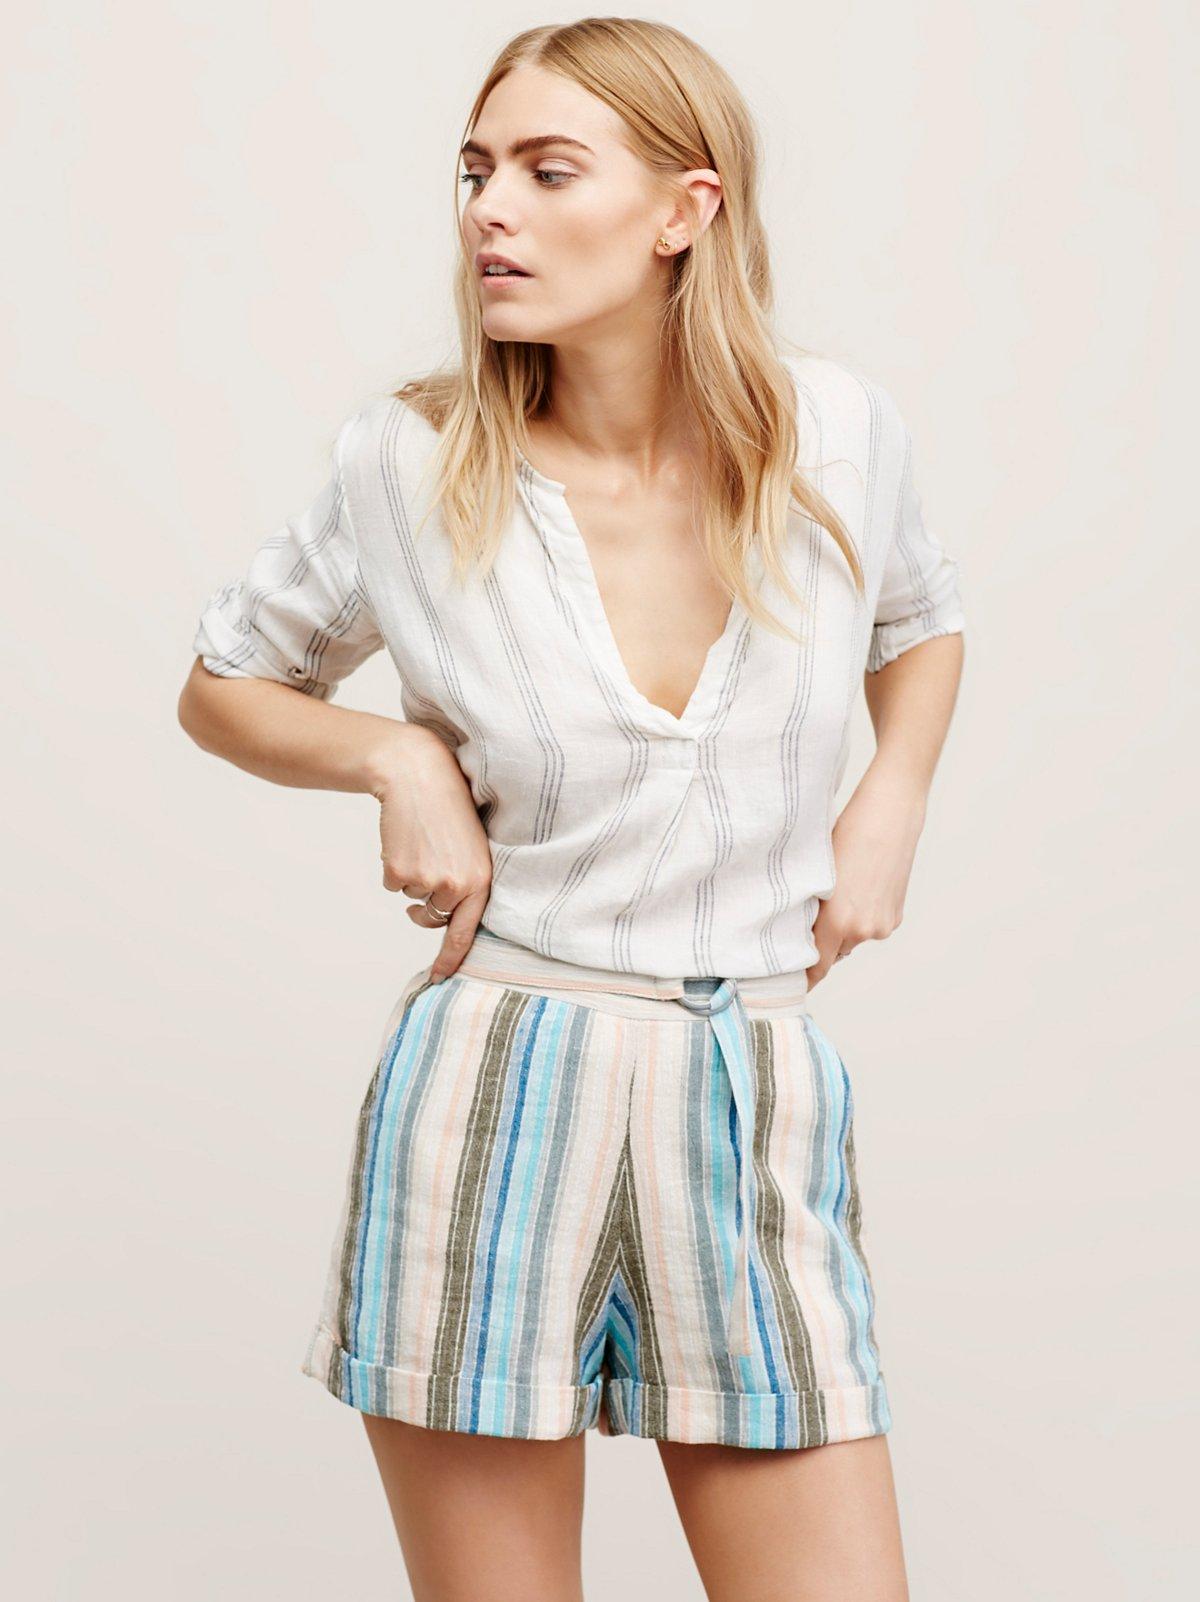 Mana Beach短裤